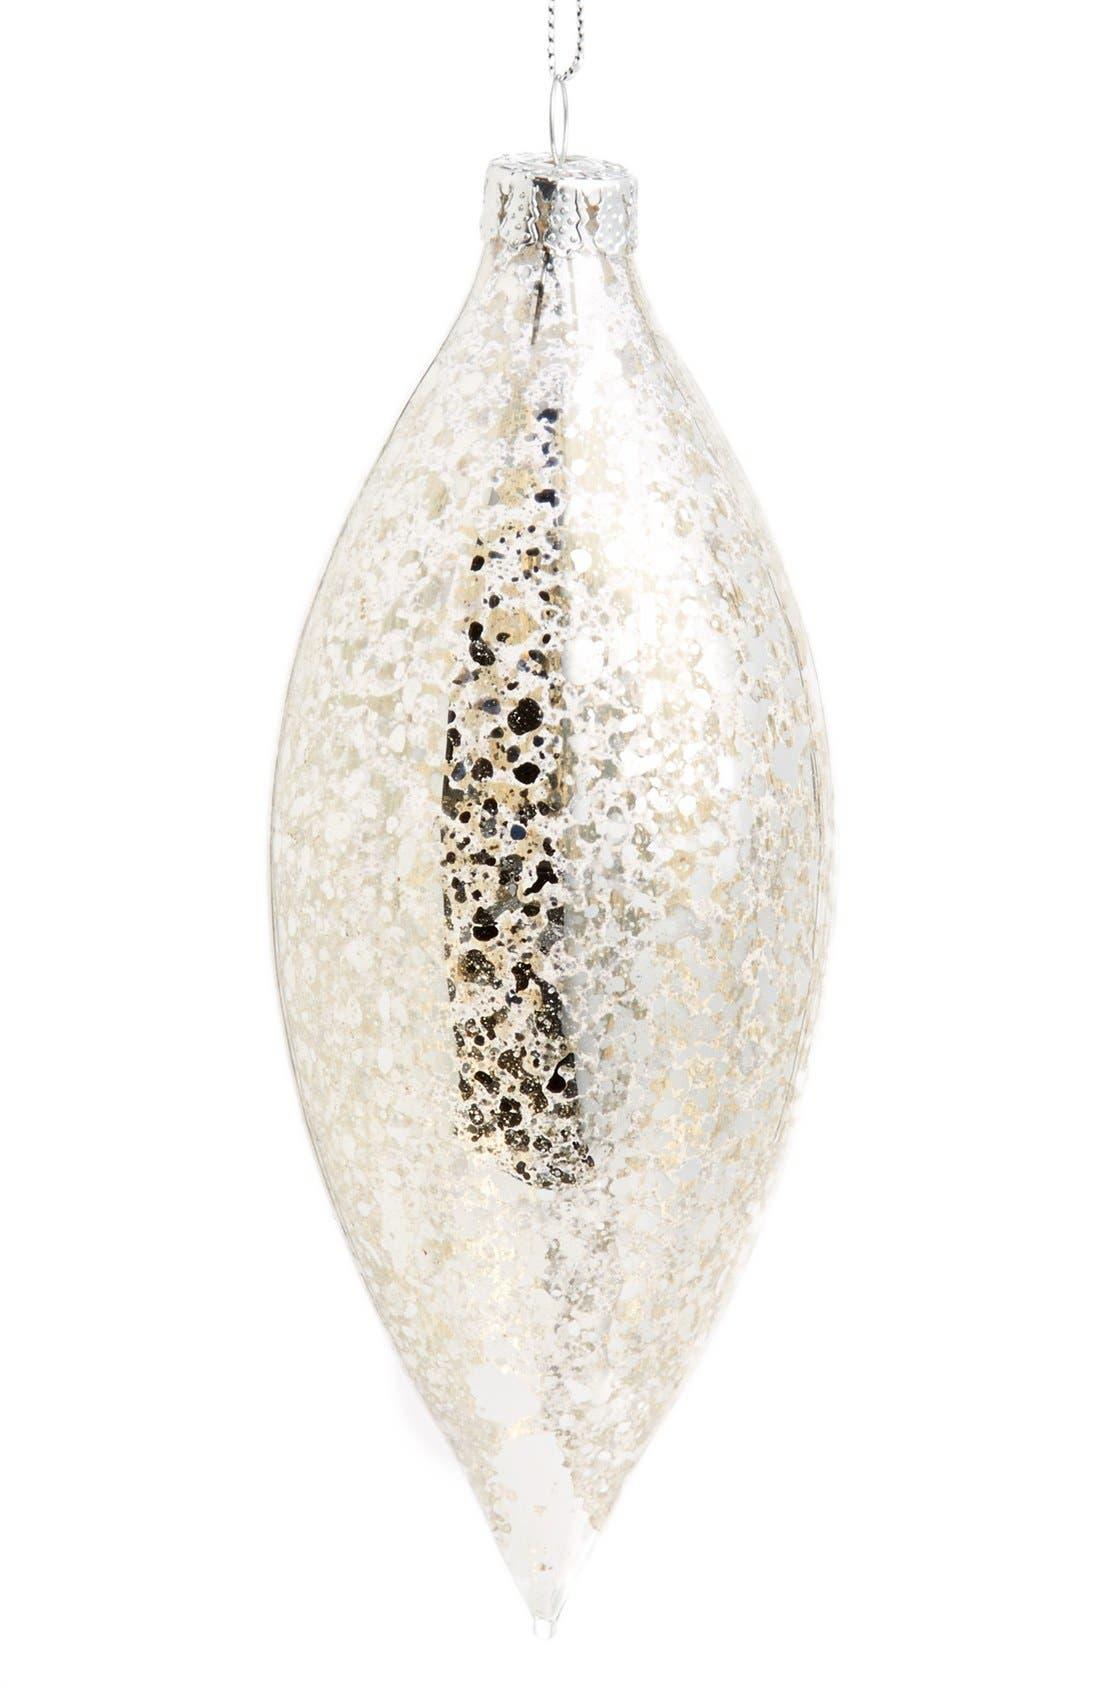 Main Image - Gold Eagle Mercury Glass Finial Ornament